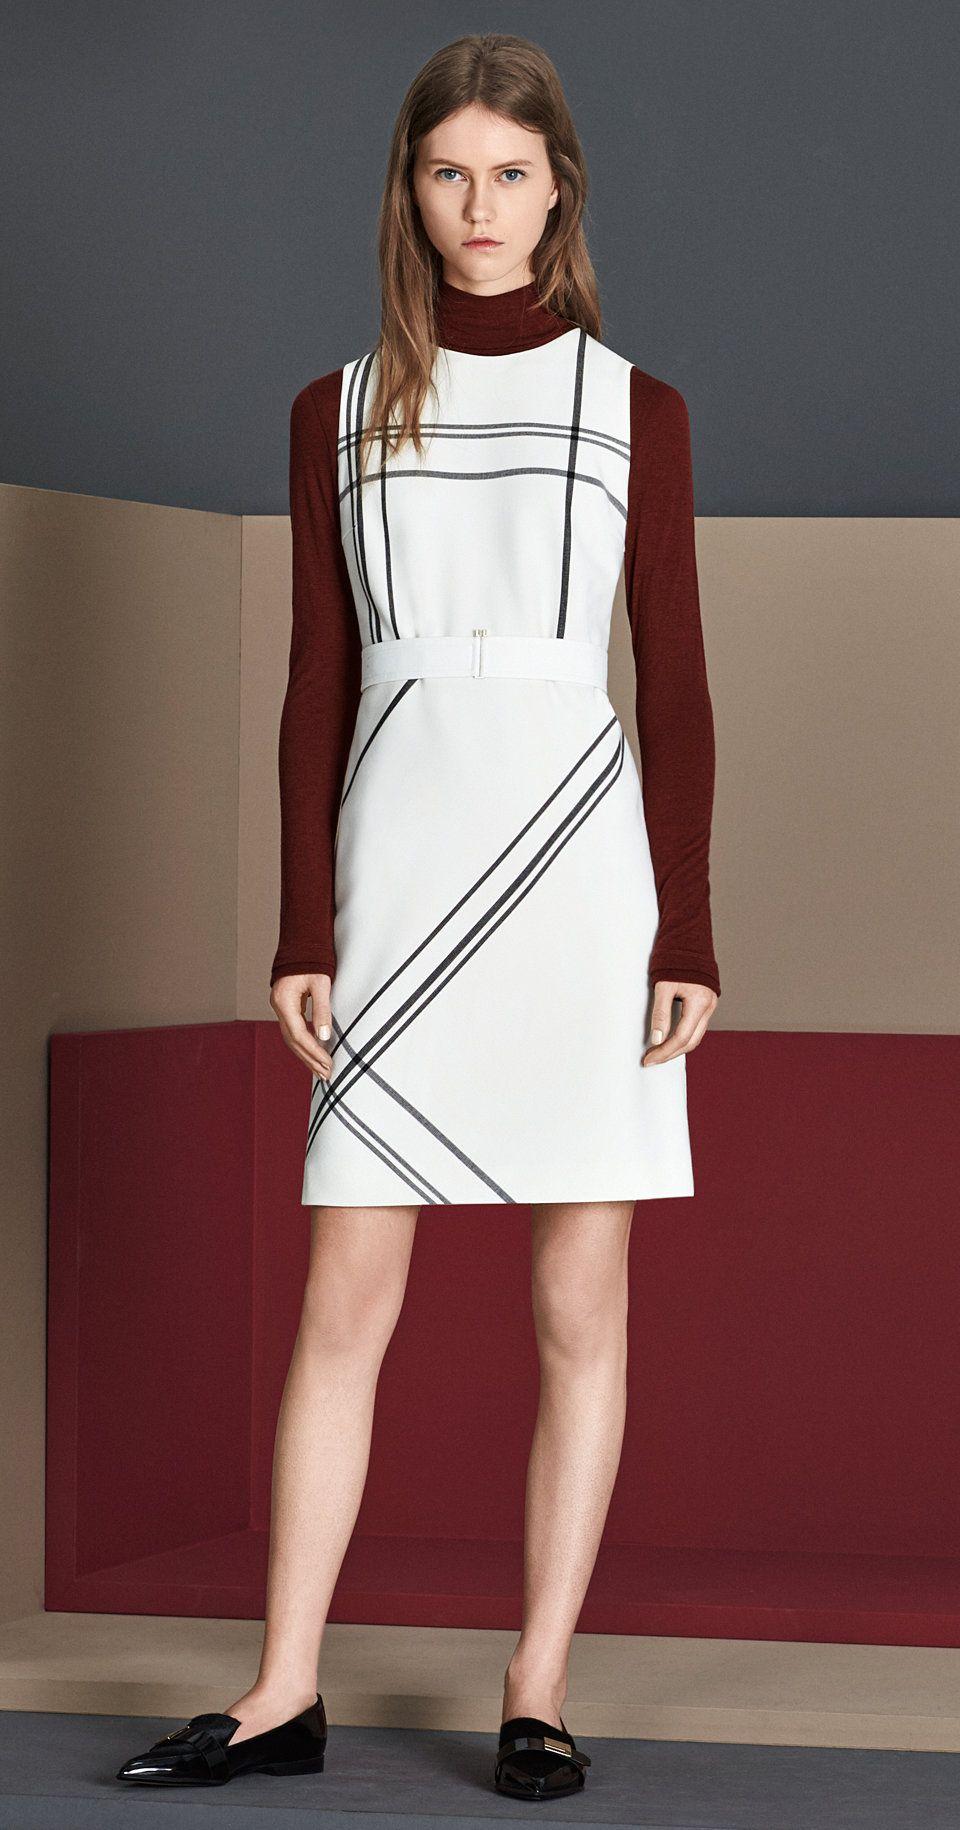 Dress by #Boss